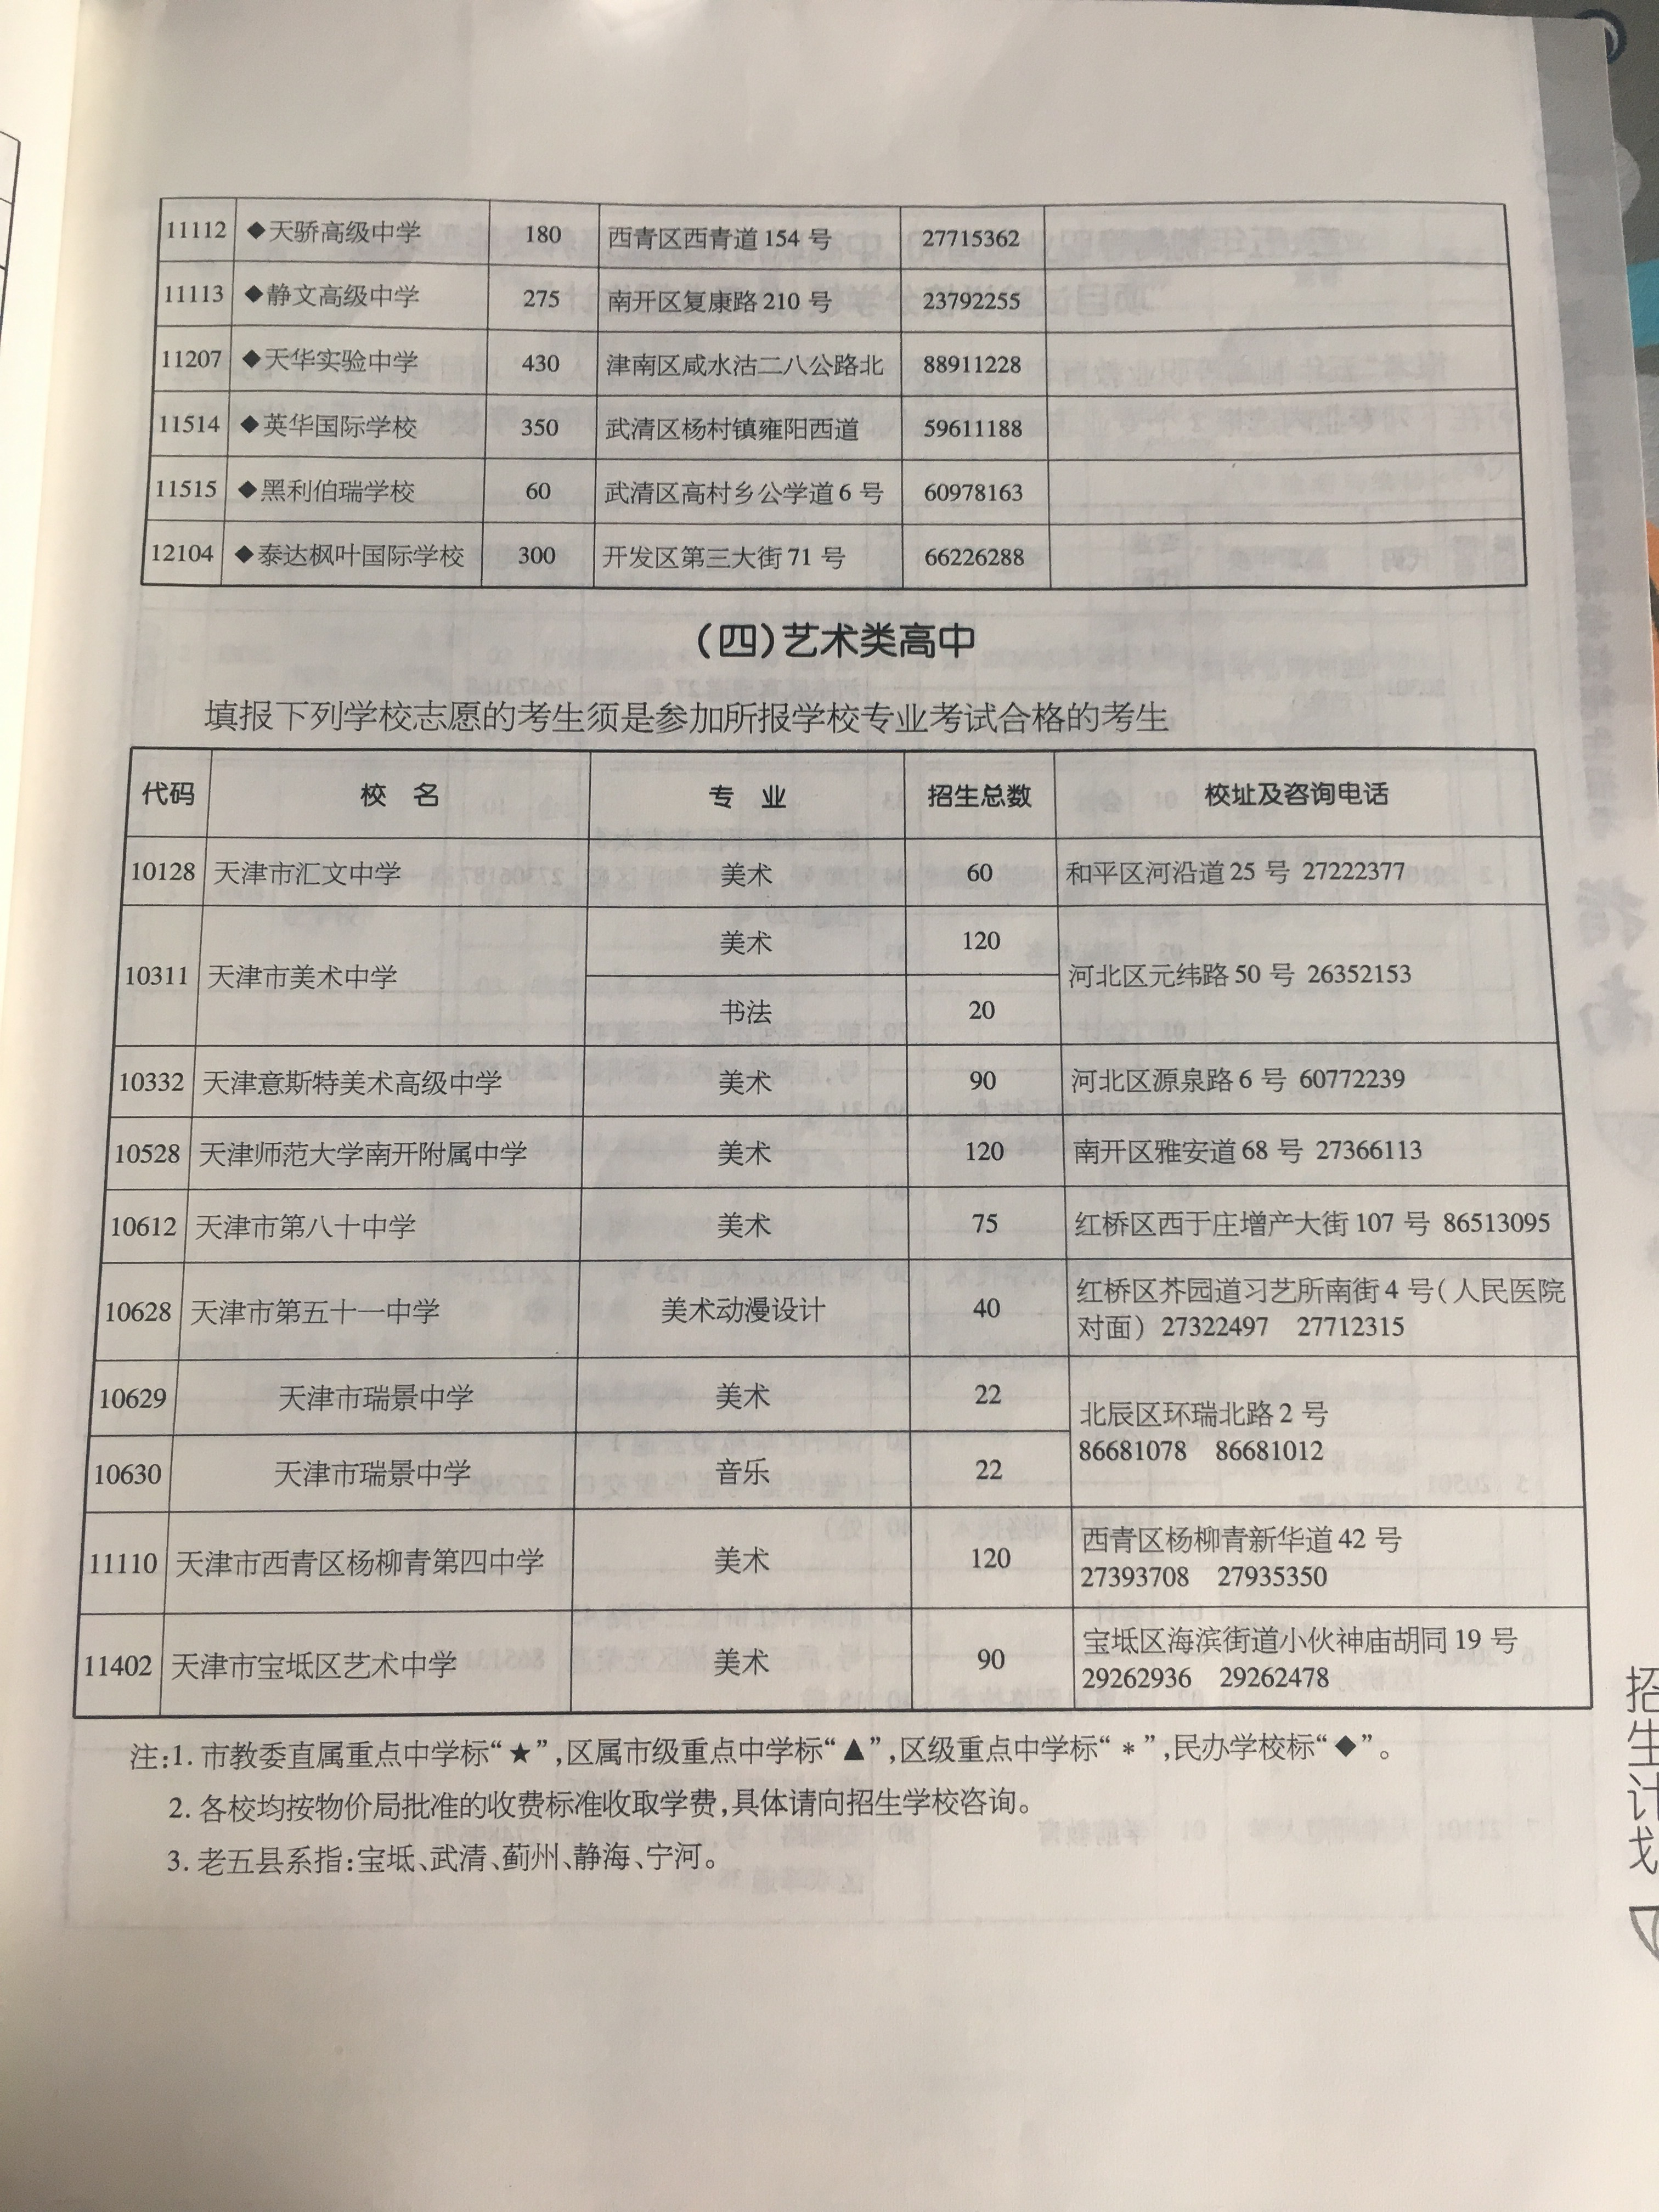 2017天津市高中高中招生计划及咨询电话重点季一览一年级图片